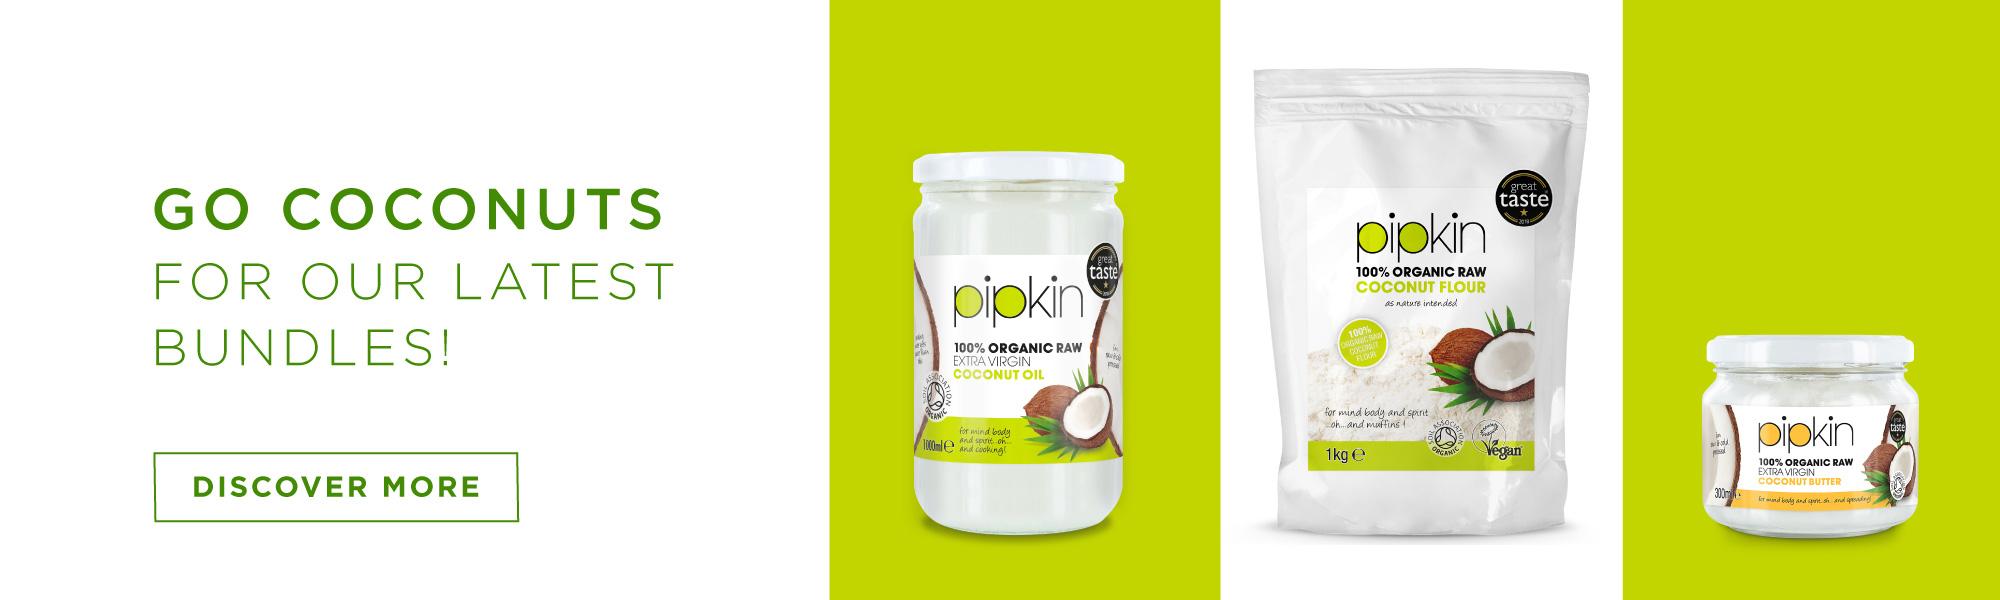 PIPKIN-COCONUTS-BANNER